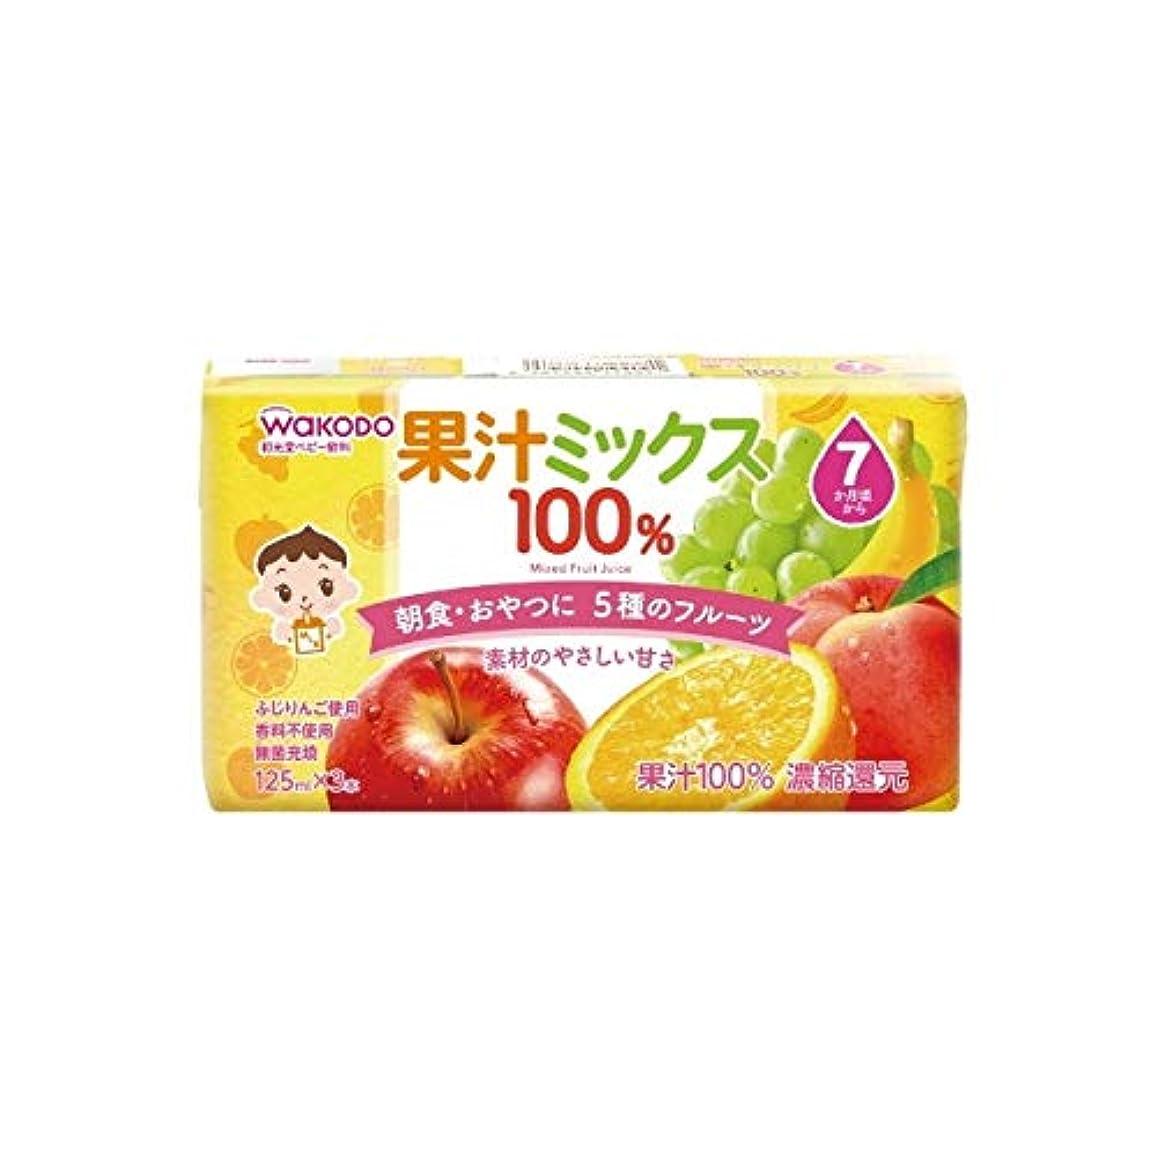 和光堂 果汁ミックス100%(7ヶ月頃から) 125mlX3本